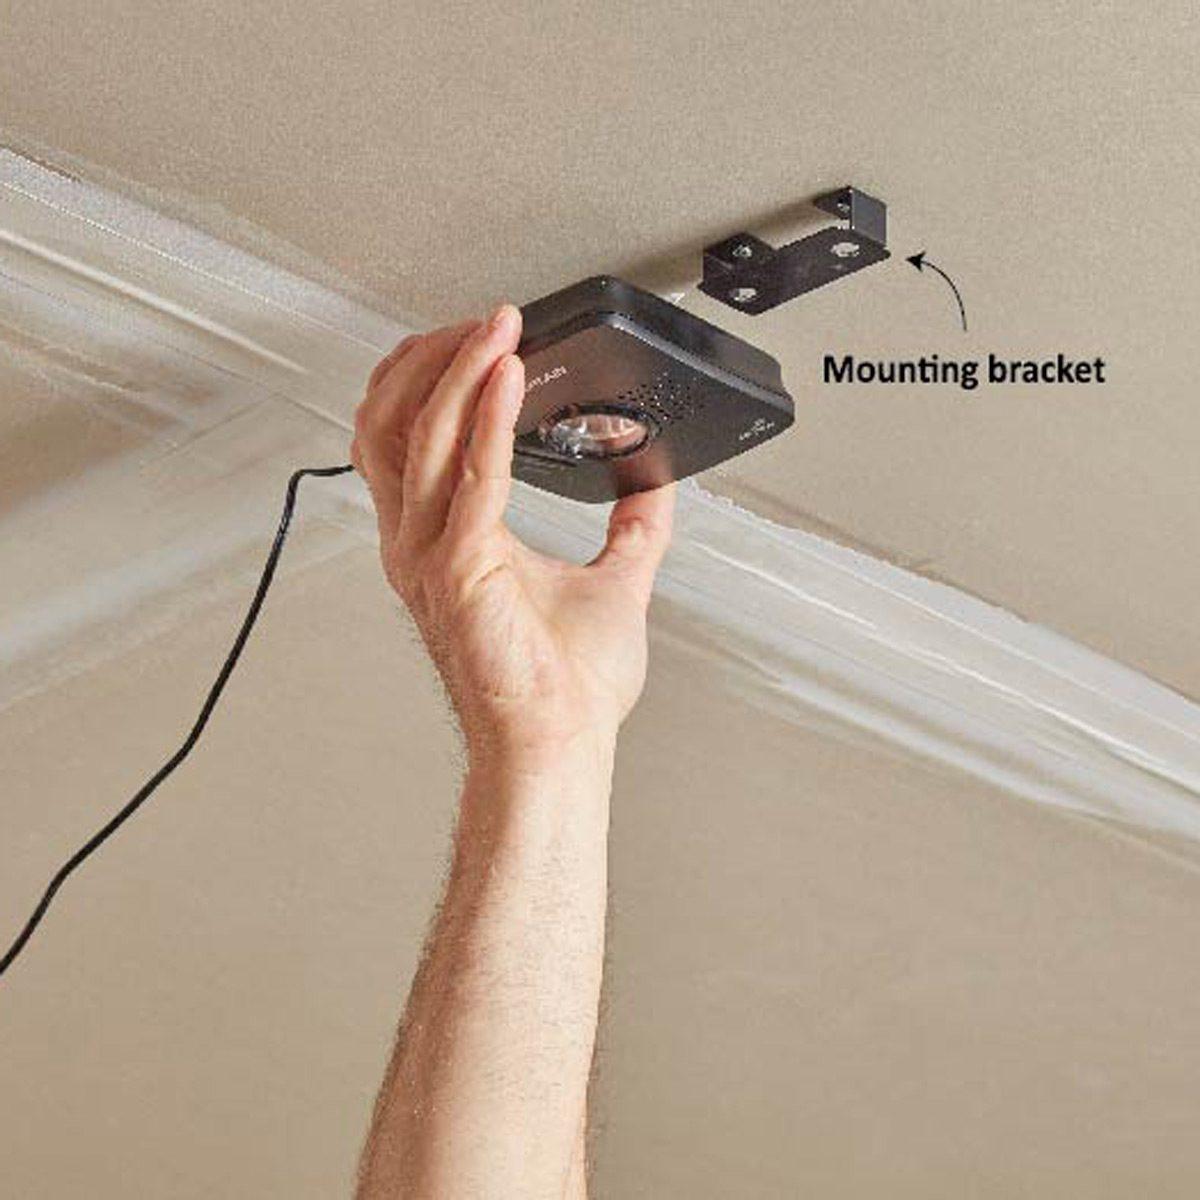 Mounting wi-fi garage controller